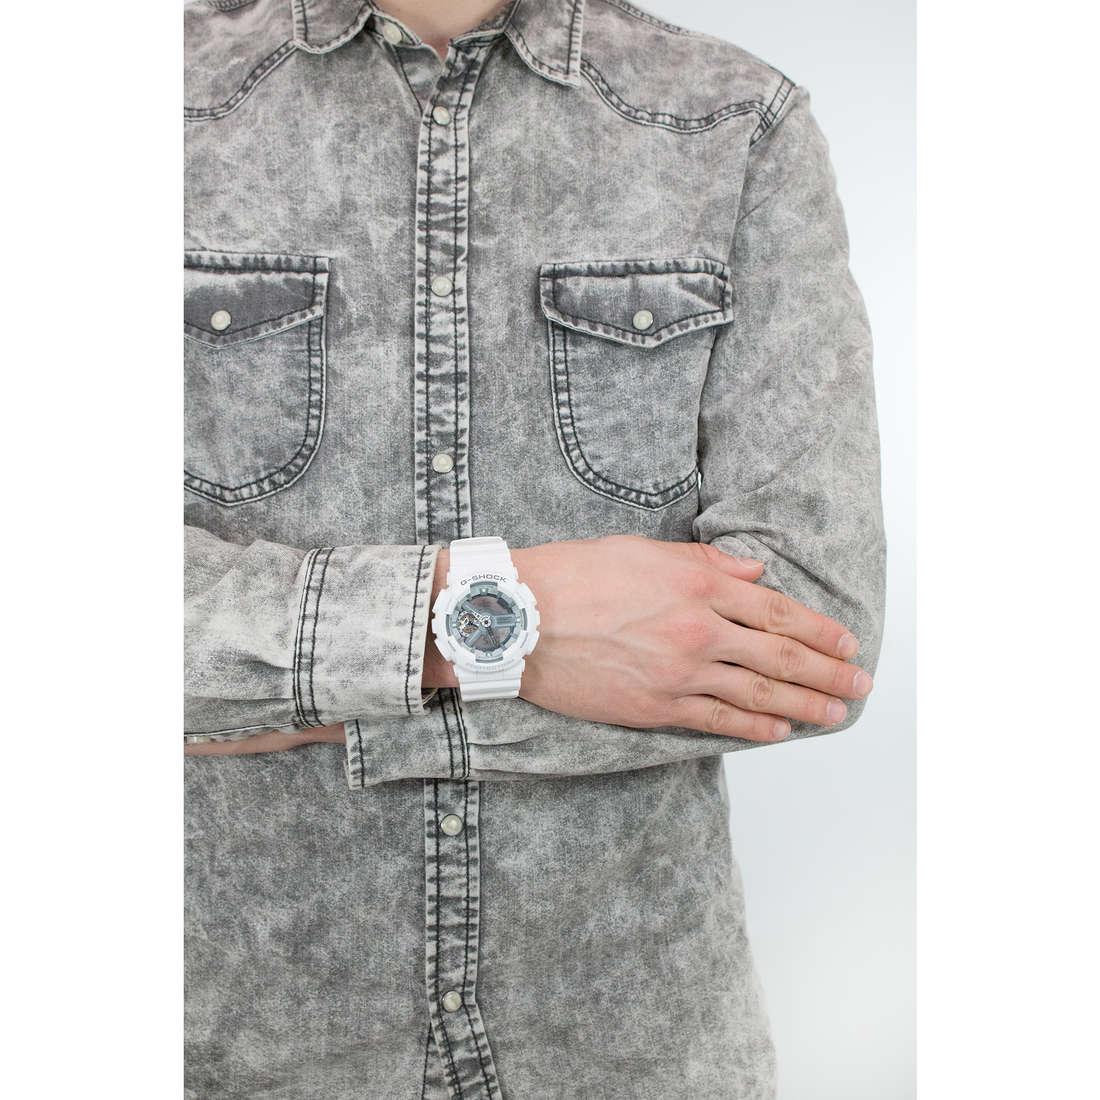 Casio numériques G-Shock homme GA-110C-7AER photo wearing